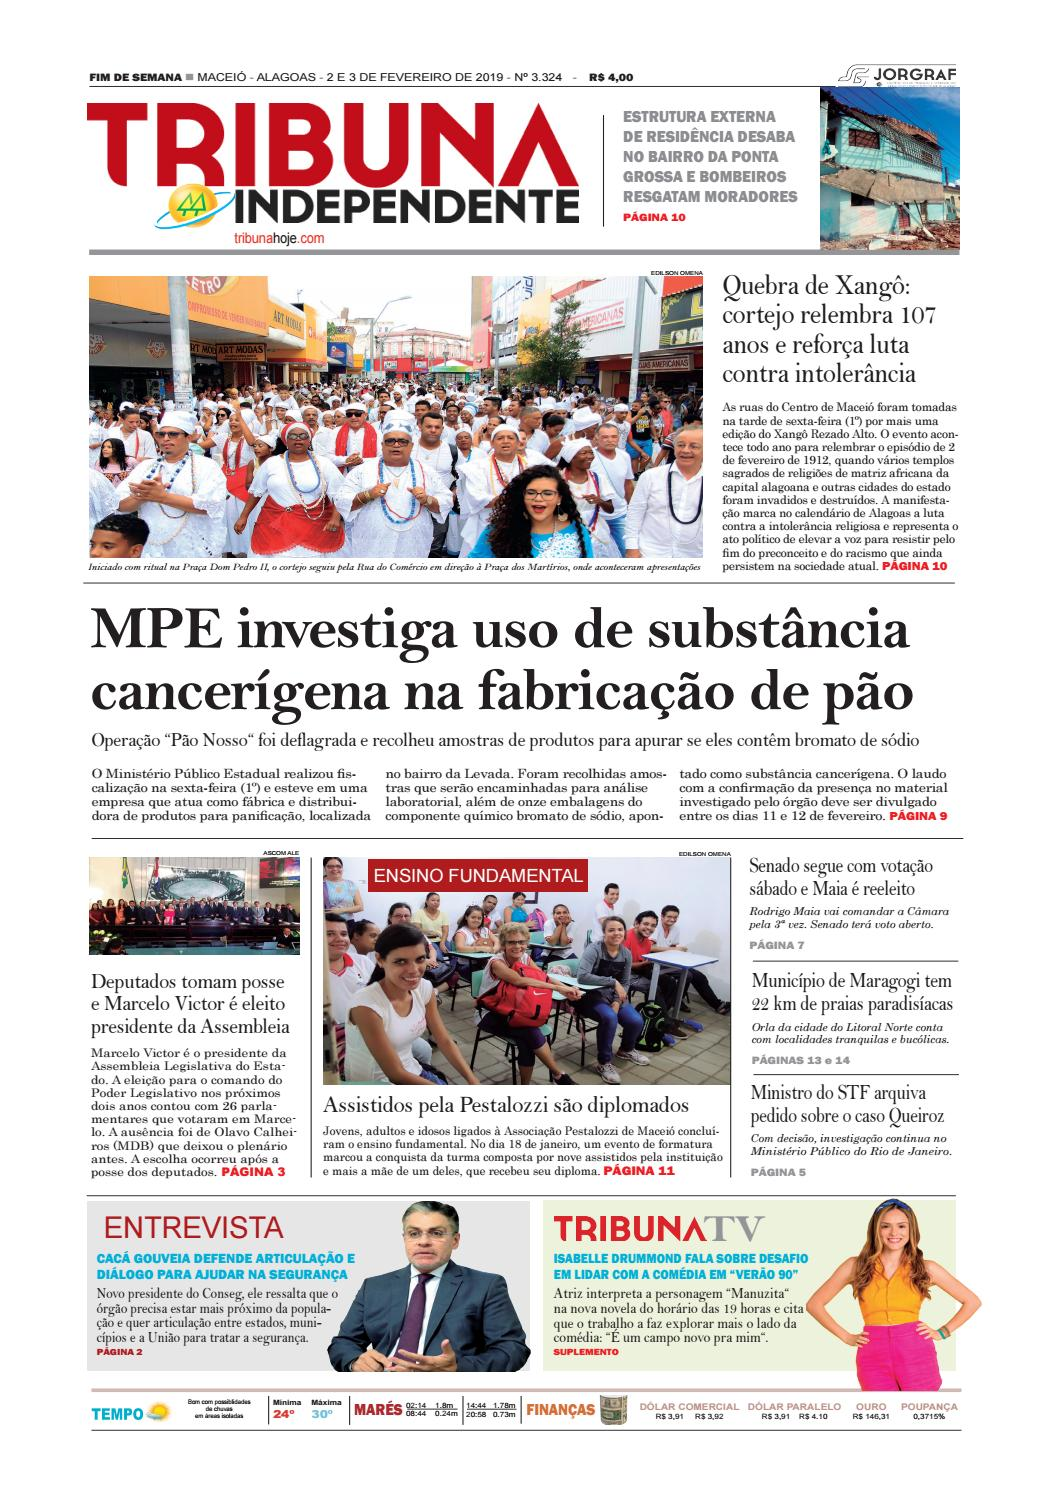 5b05f5cf97f Edição número 3324 - 2 e 3 de fevereiro de 2019 by Tribuna Hoje - issuu